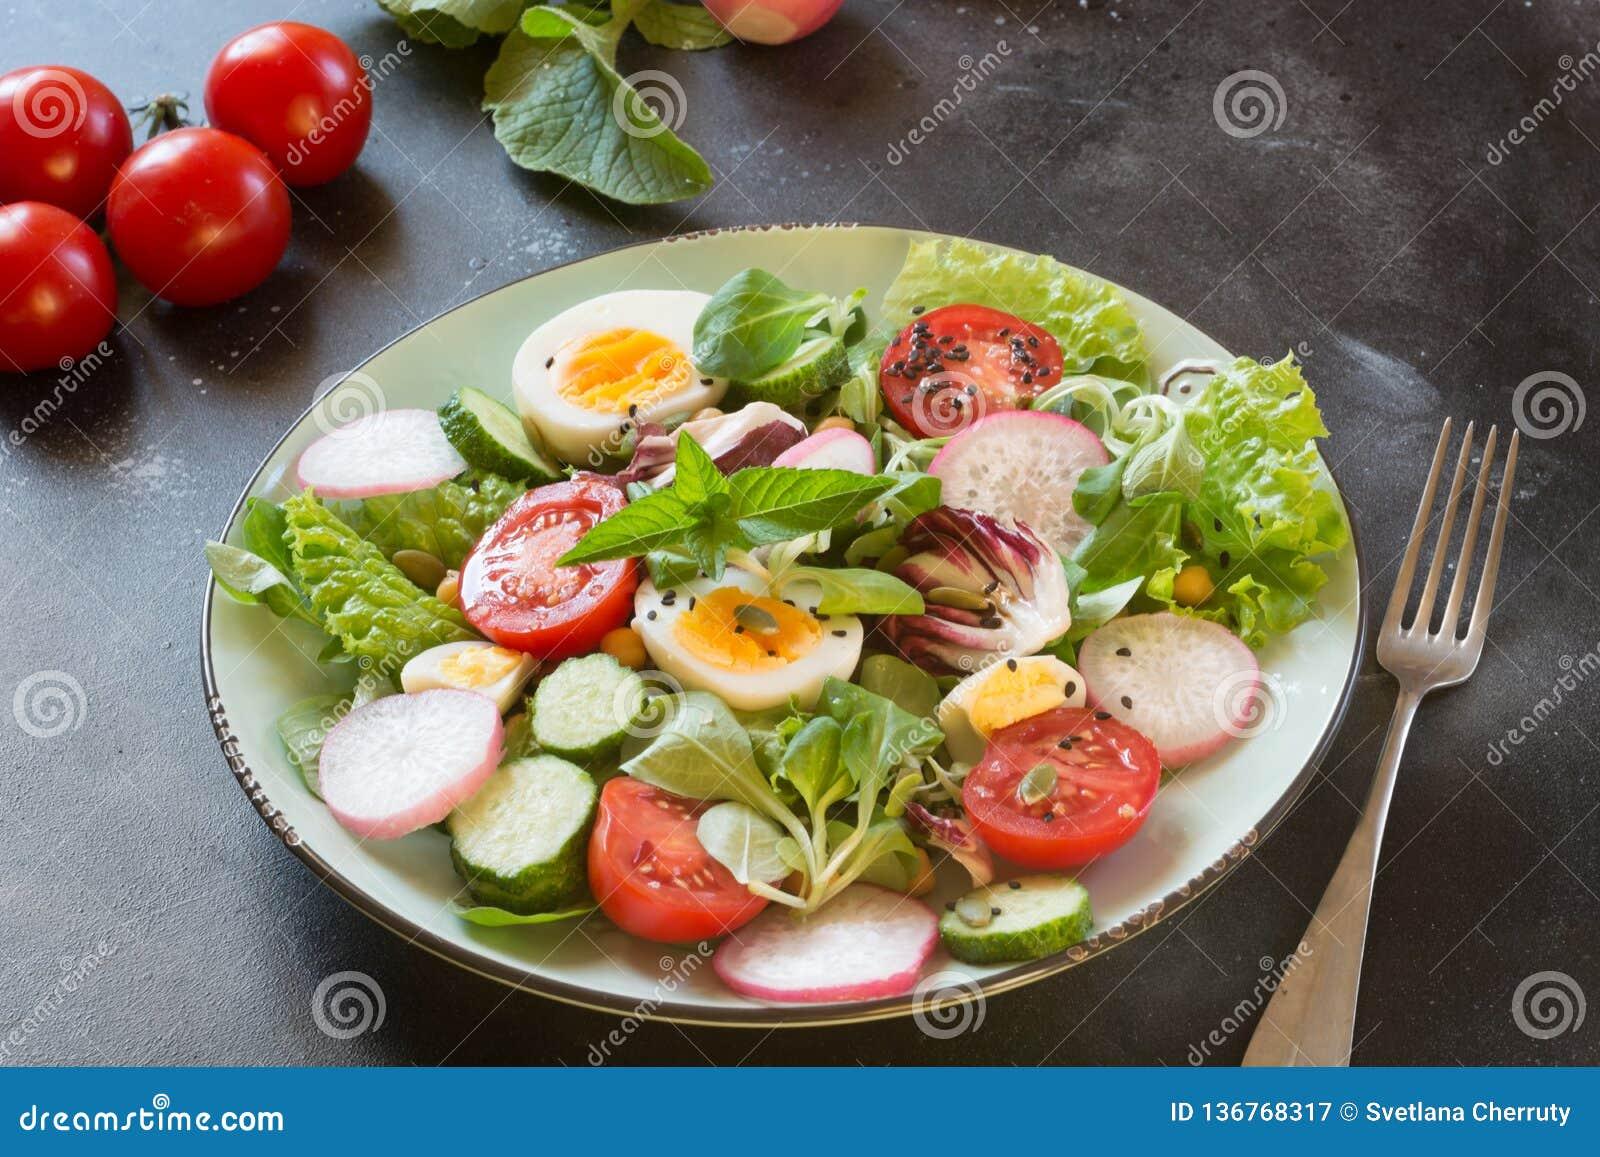 ricette bevande sane per la perdita di peso